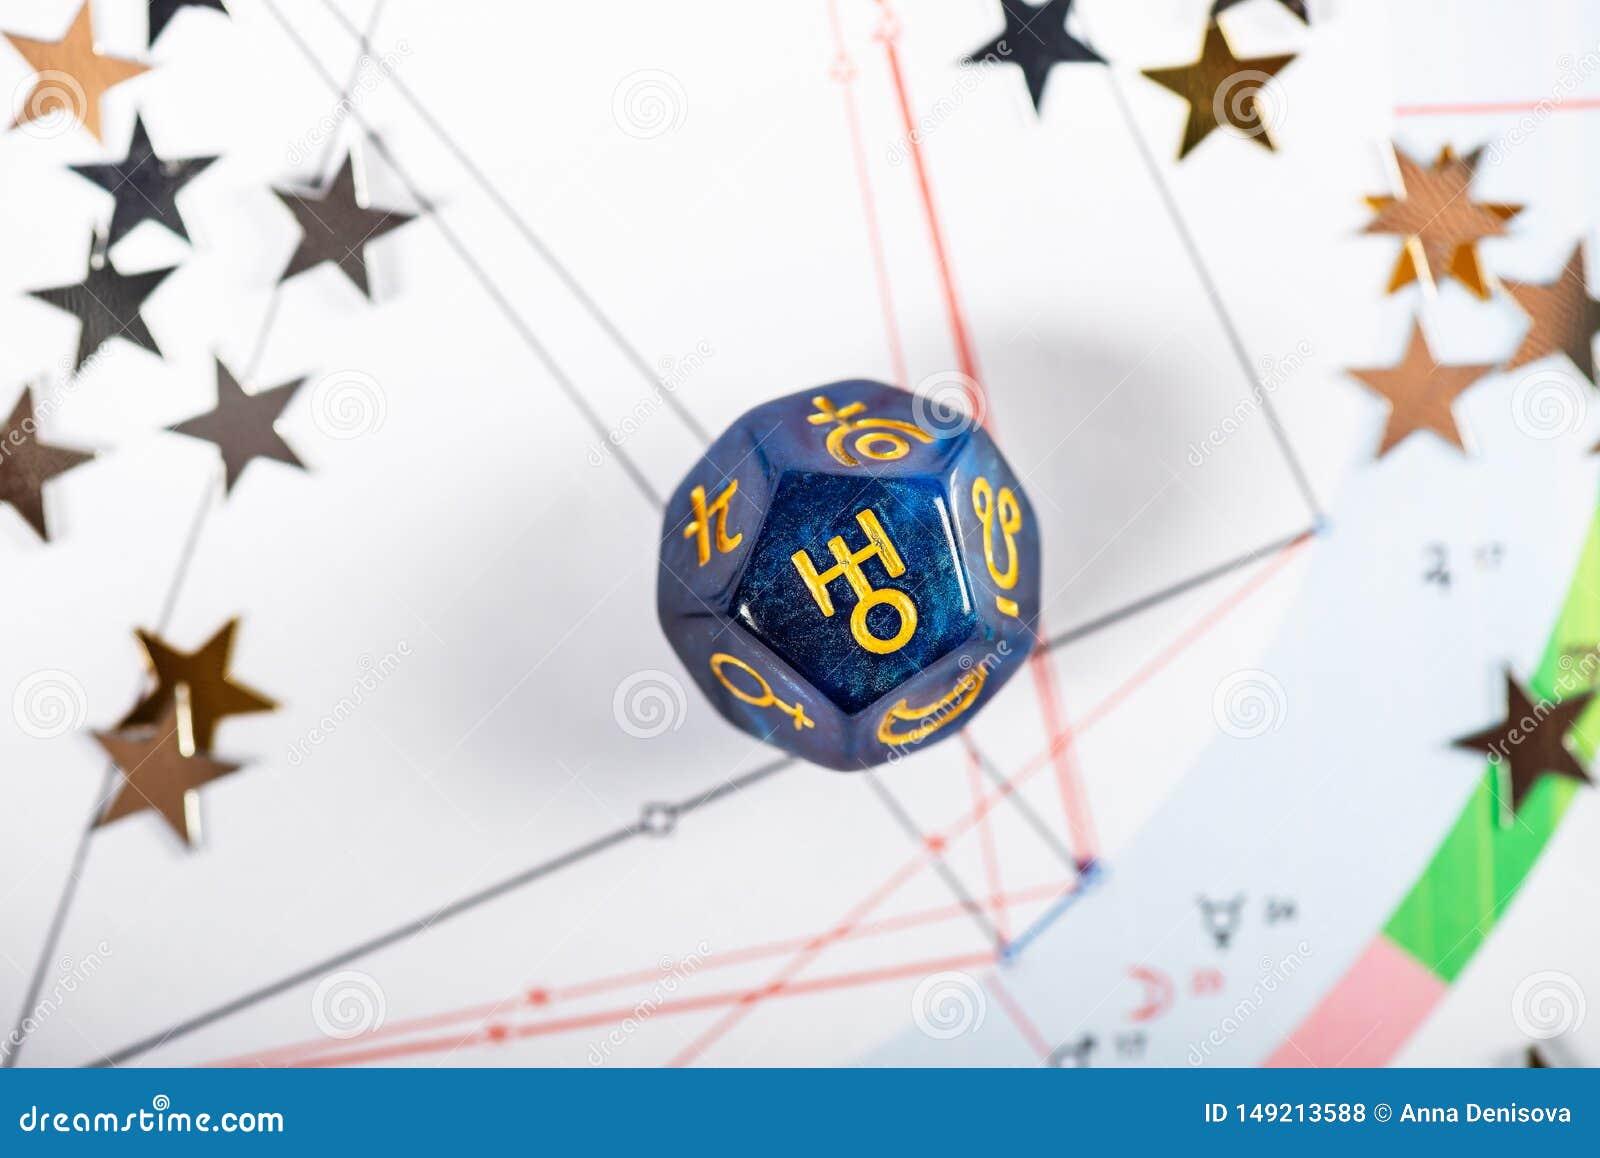 De astrologie dobbelt met symbool van de planeet Uranus